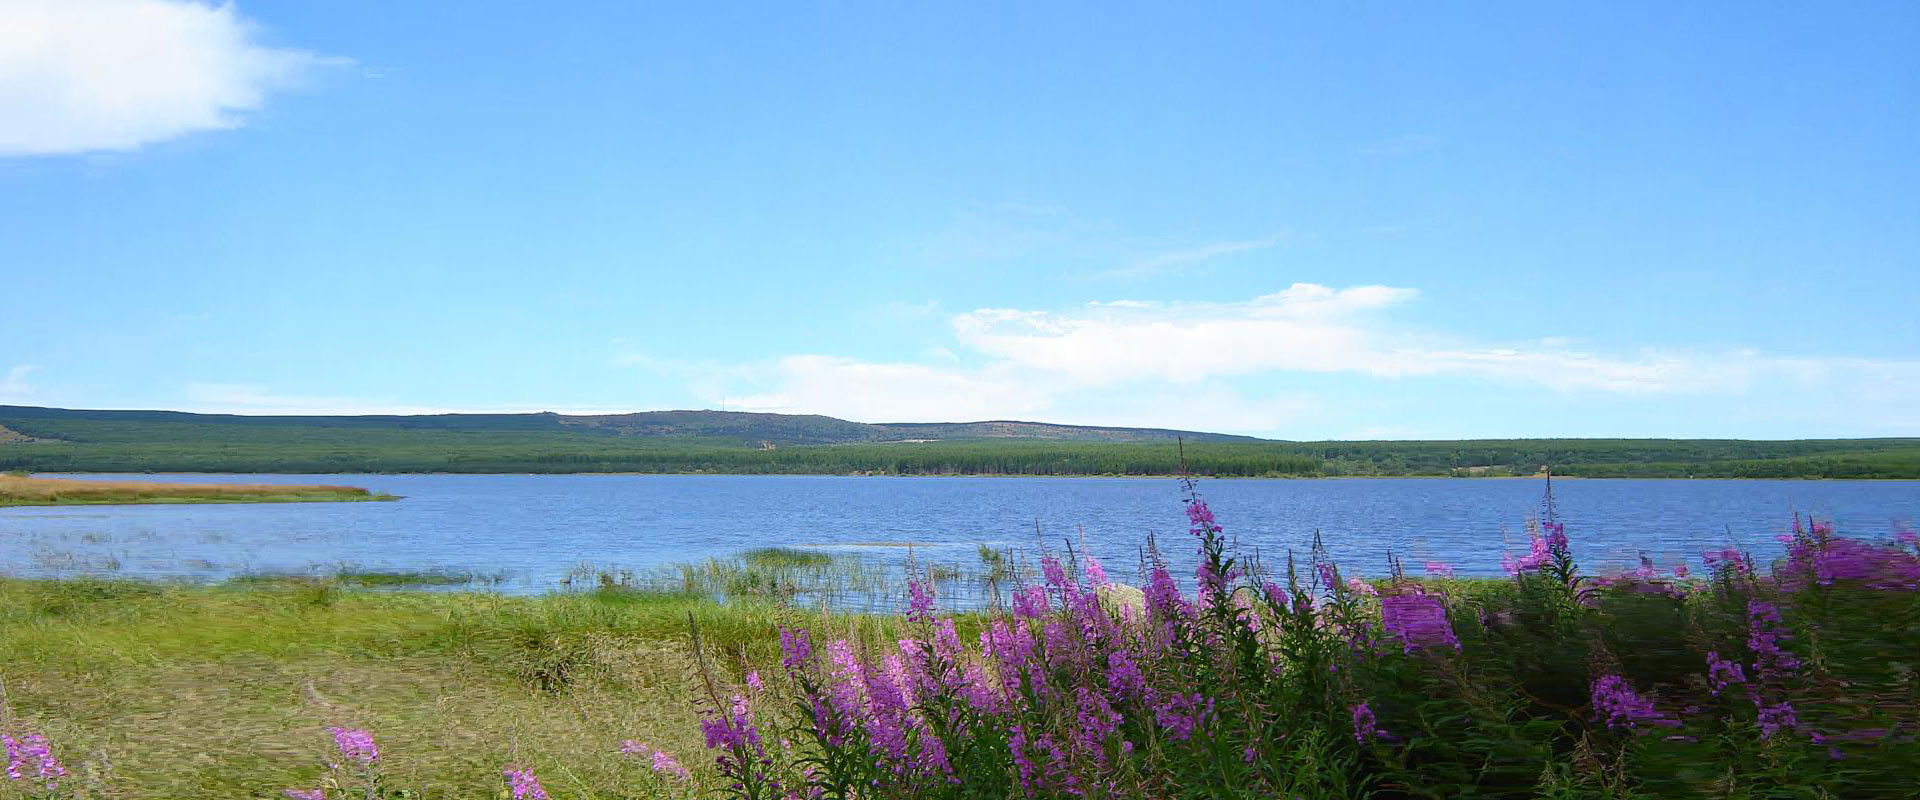 Vue du lac de Charpal situé à quelques kilomètres du gîte Lou Saltret en région Occitanie